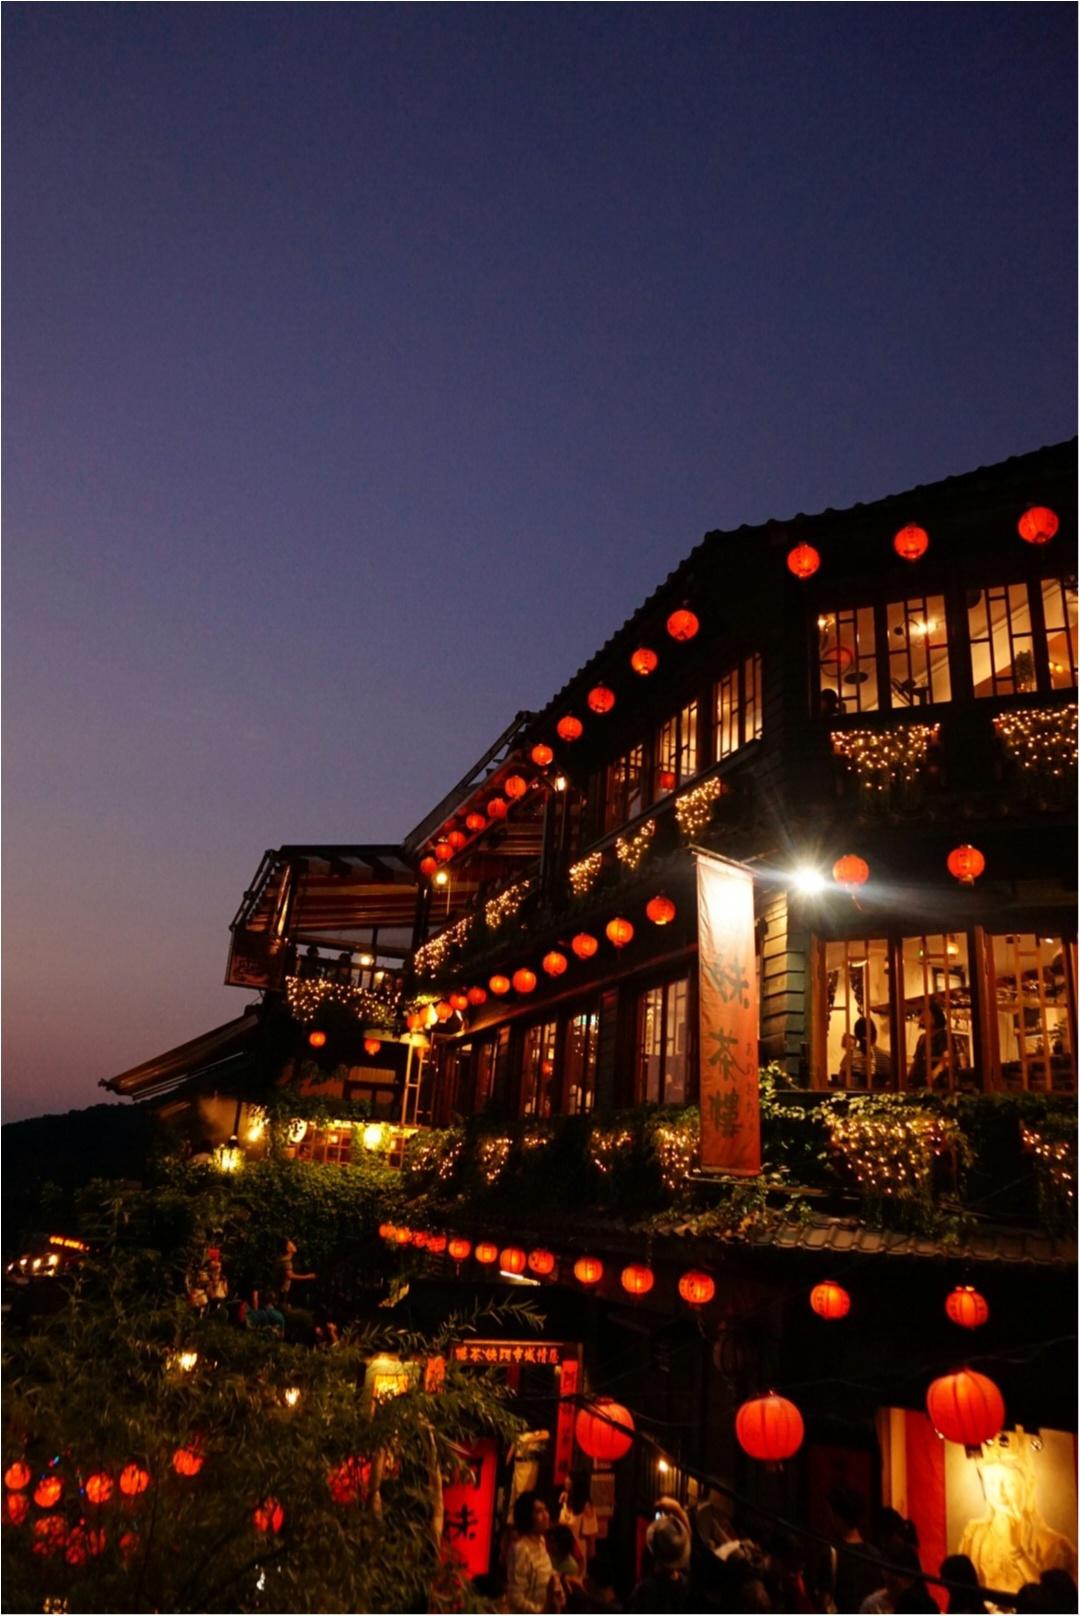 【旅行】週末台湾♡その4・あの映画のモデルの建物も!台湾の超人気スポット徹底レポ_10